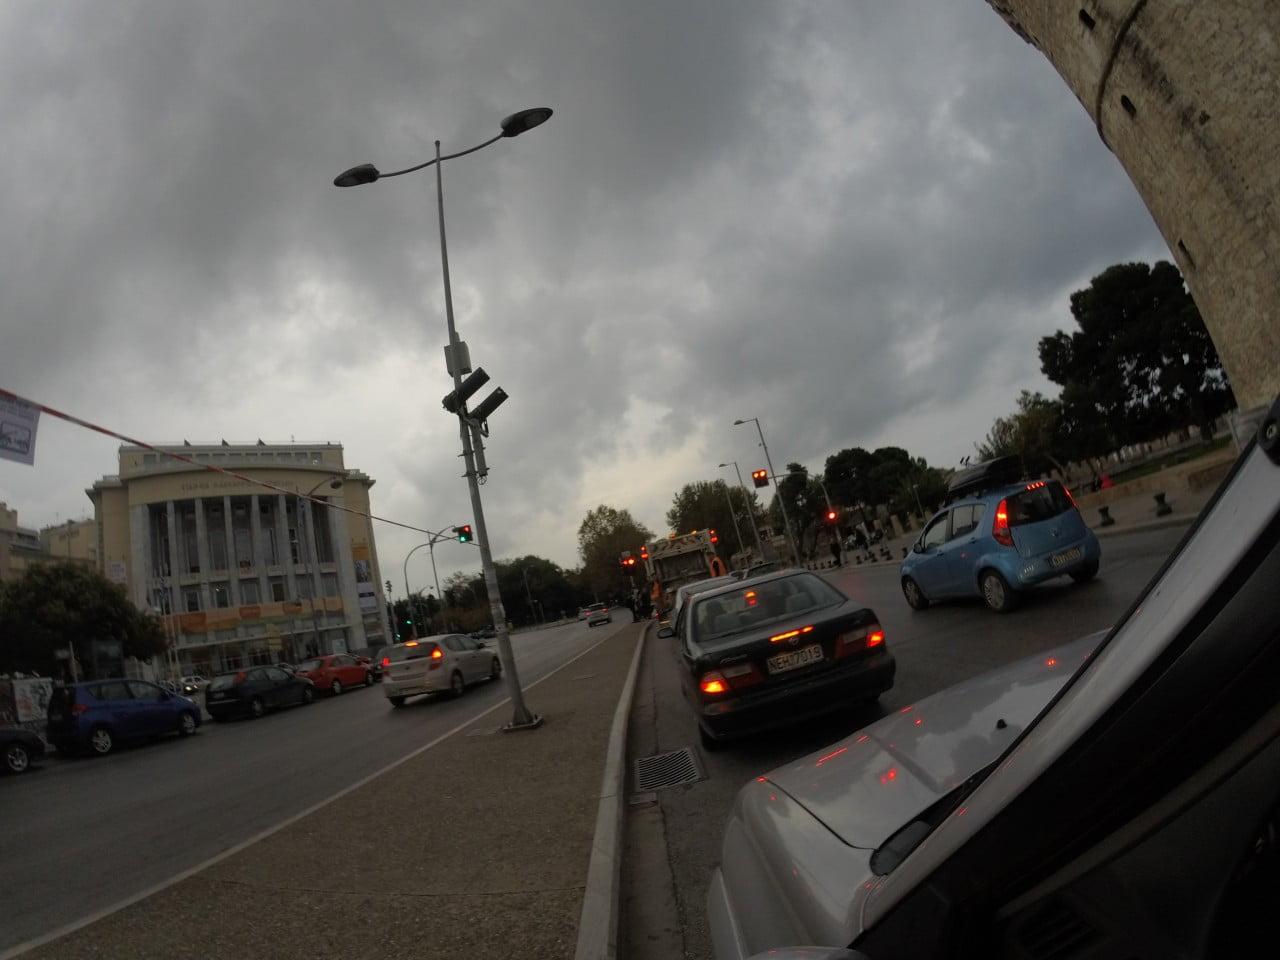 Θεσσαλονίκη, φωτο Σάββας Αυγητίδης